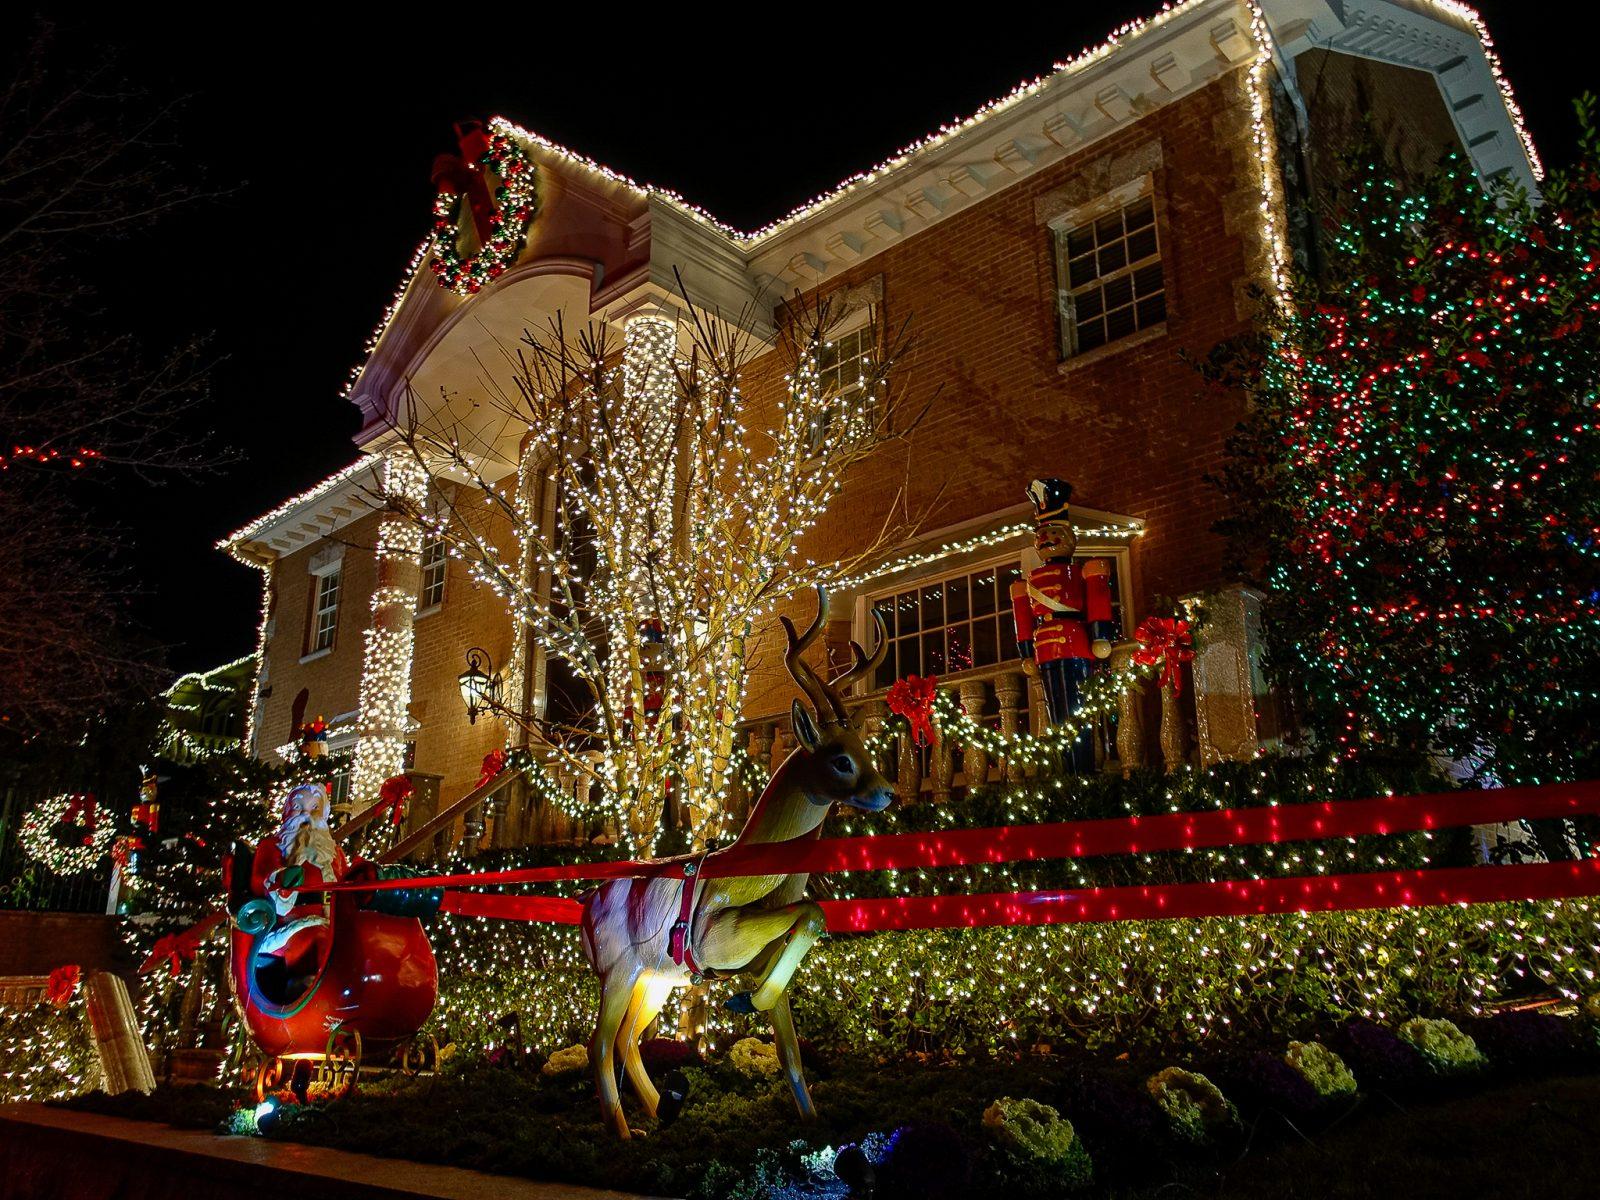 dekorert julehus reinsdyr med slede